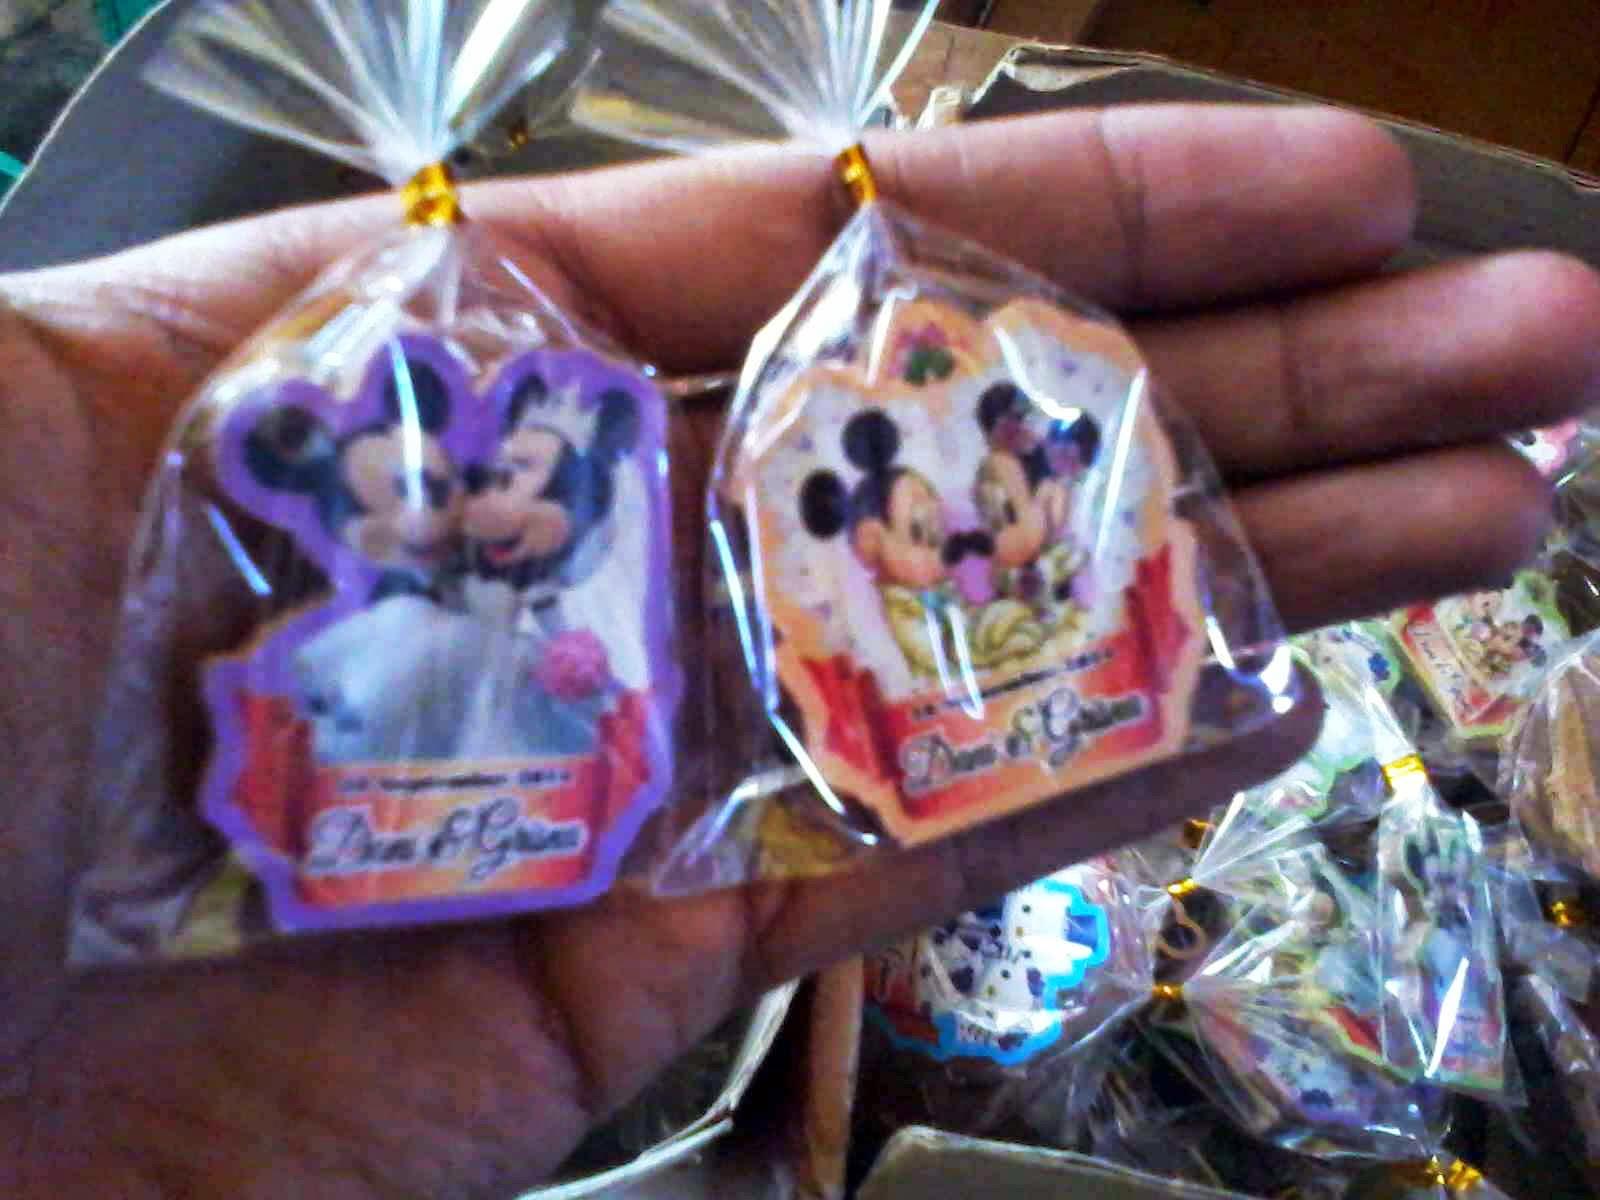 Grosir Souvenir Pernikahan Gantungan Kunci/Bross/Magnet Kulkas Gambar Bisa Request Murah